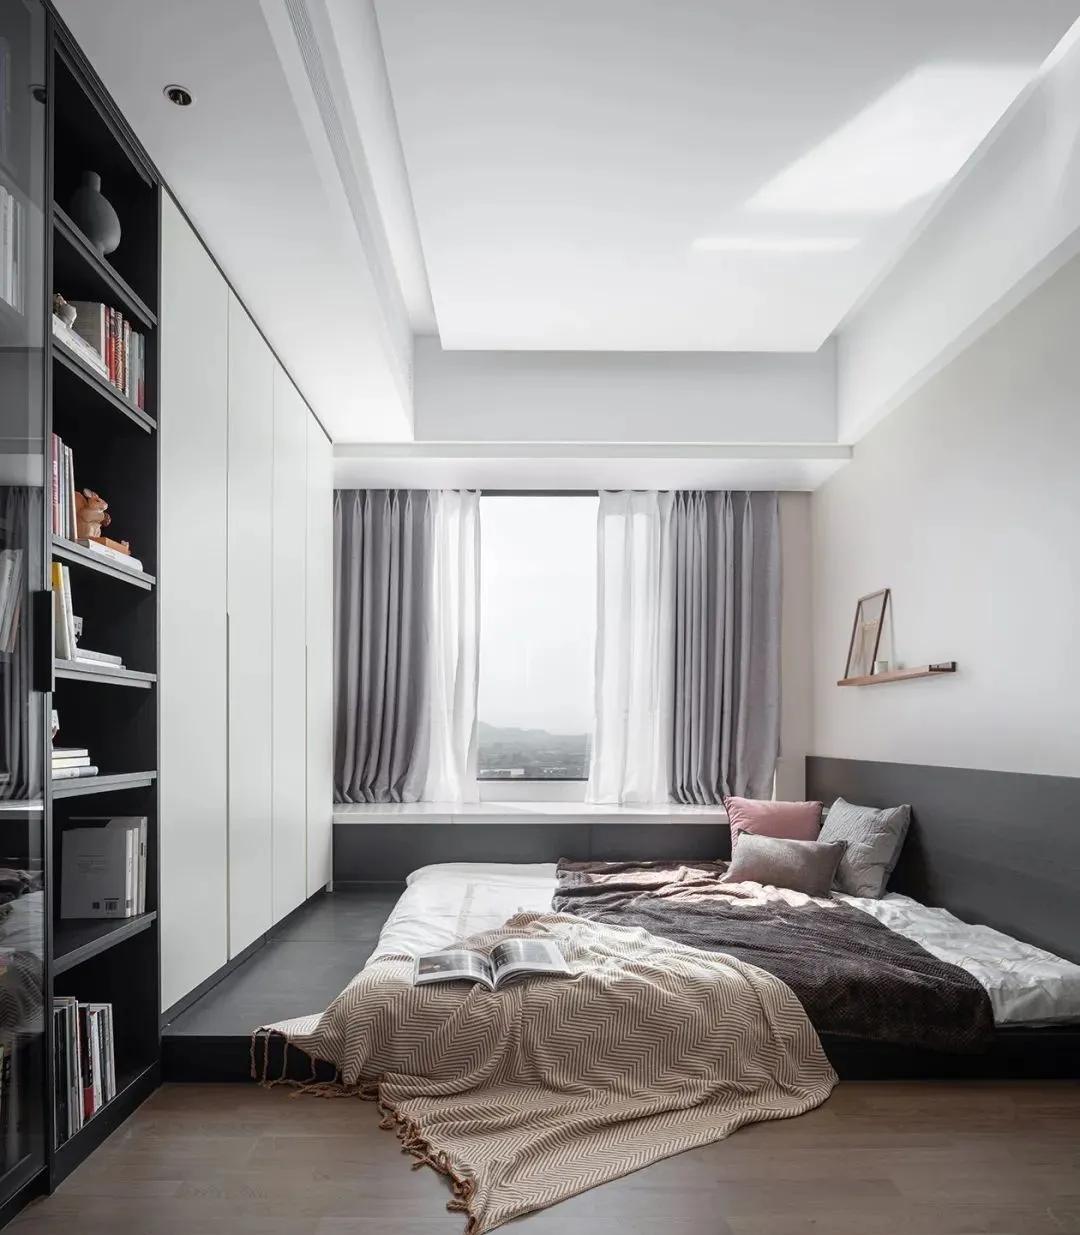 案例赏析 | 160㎡现代简约风格新房装修